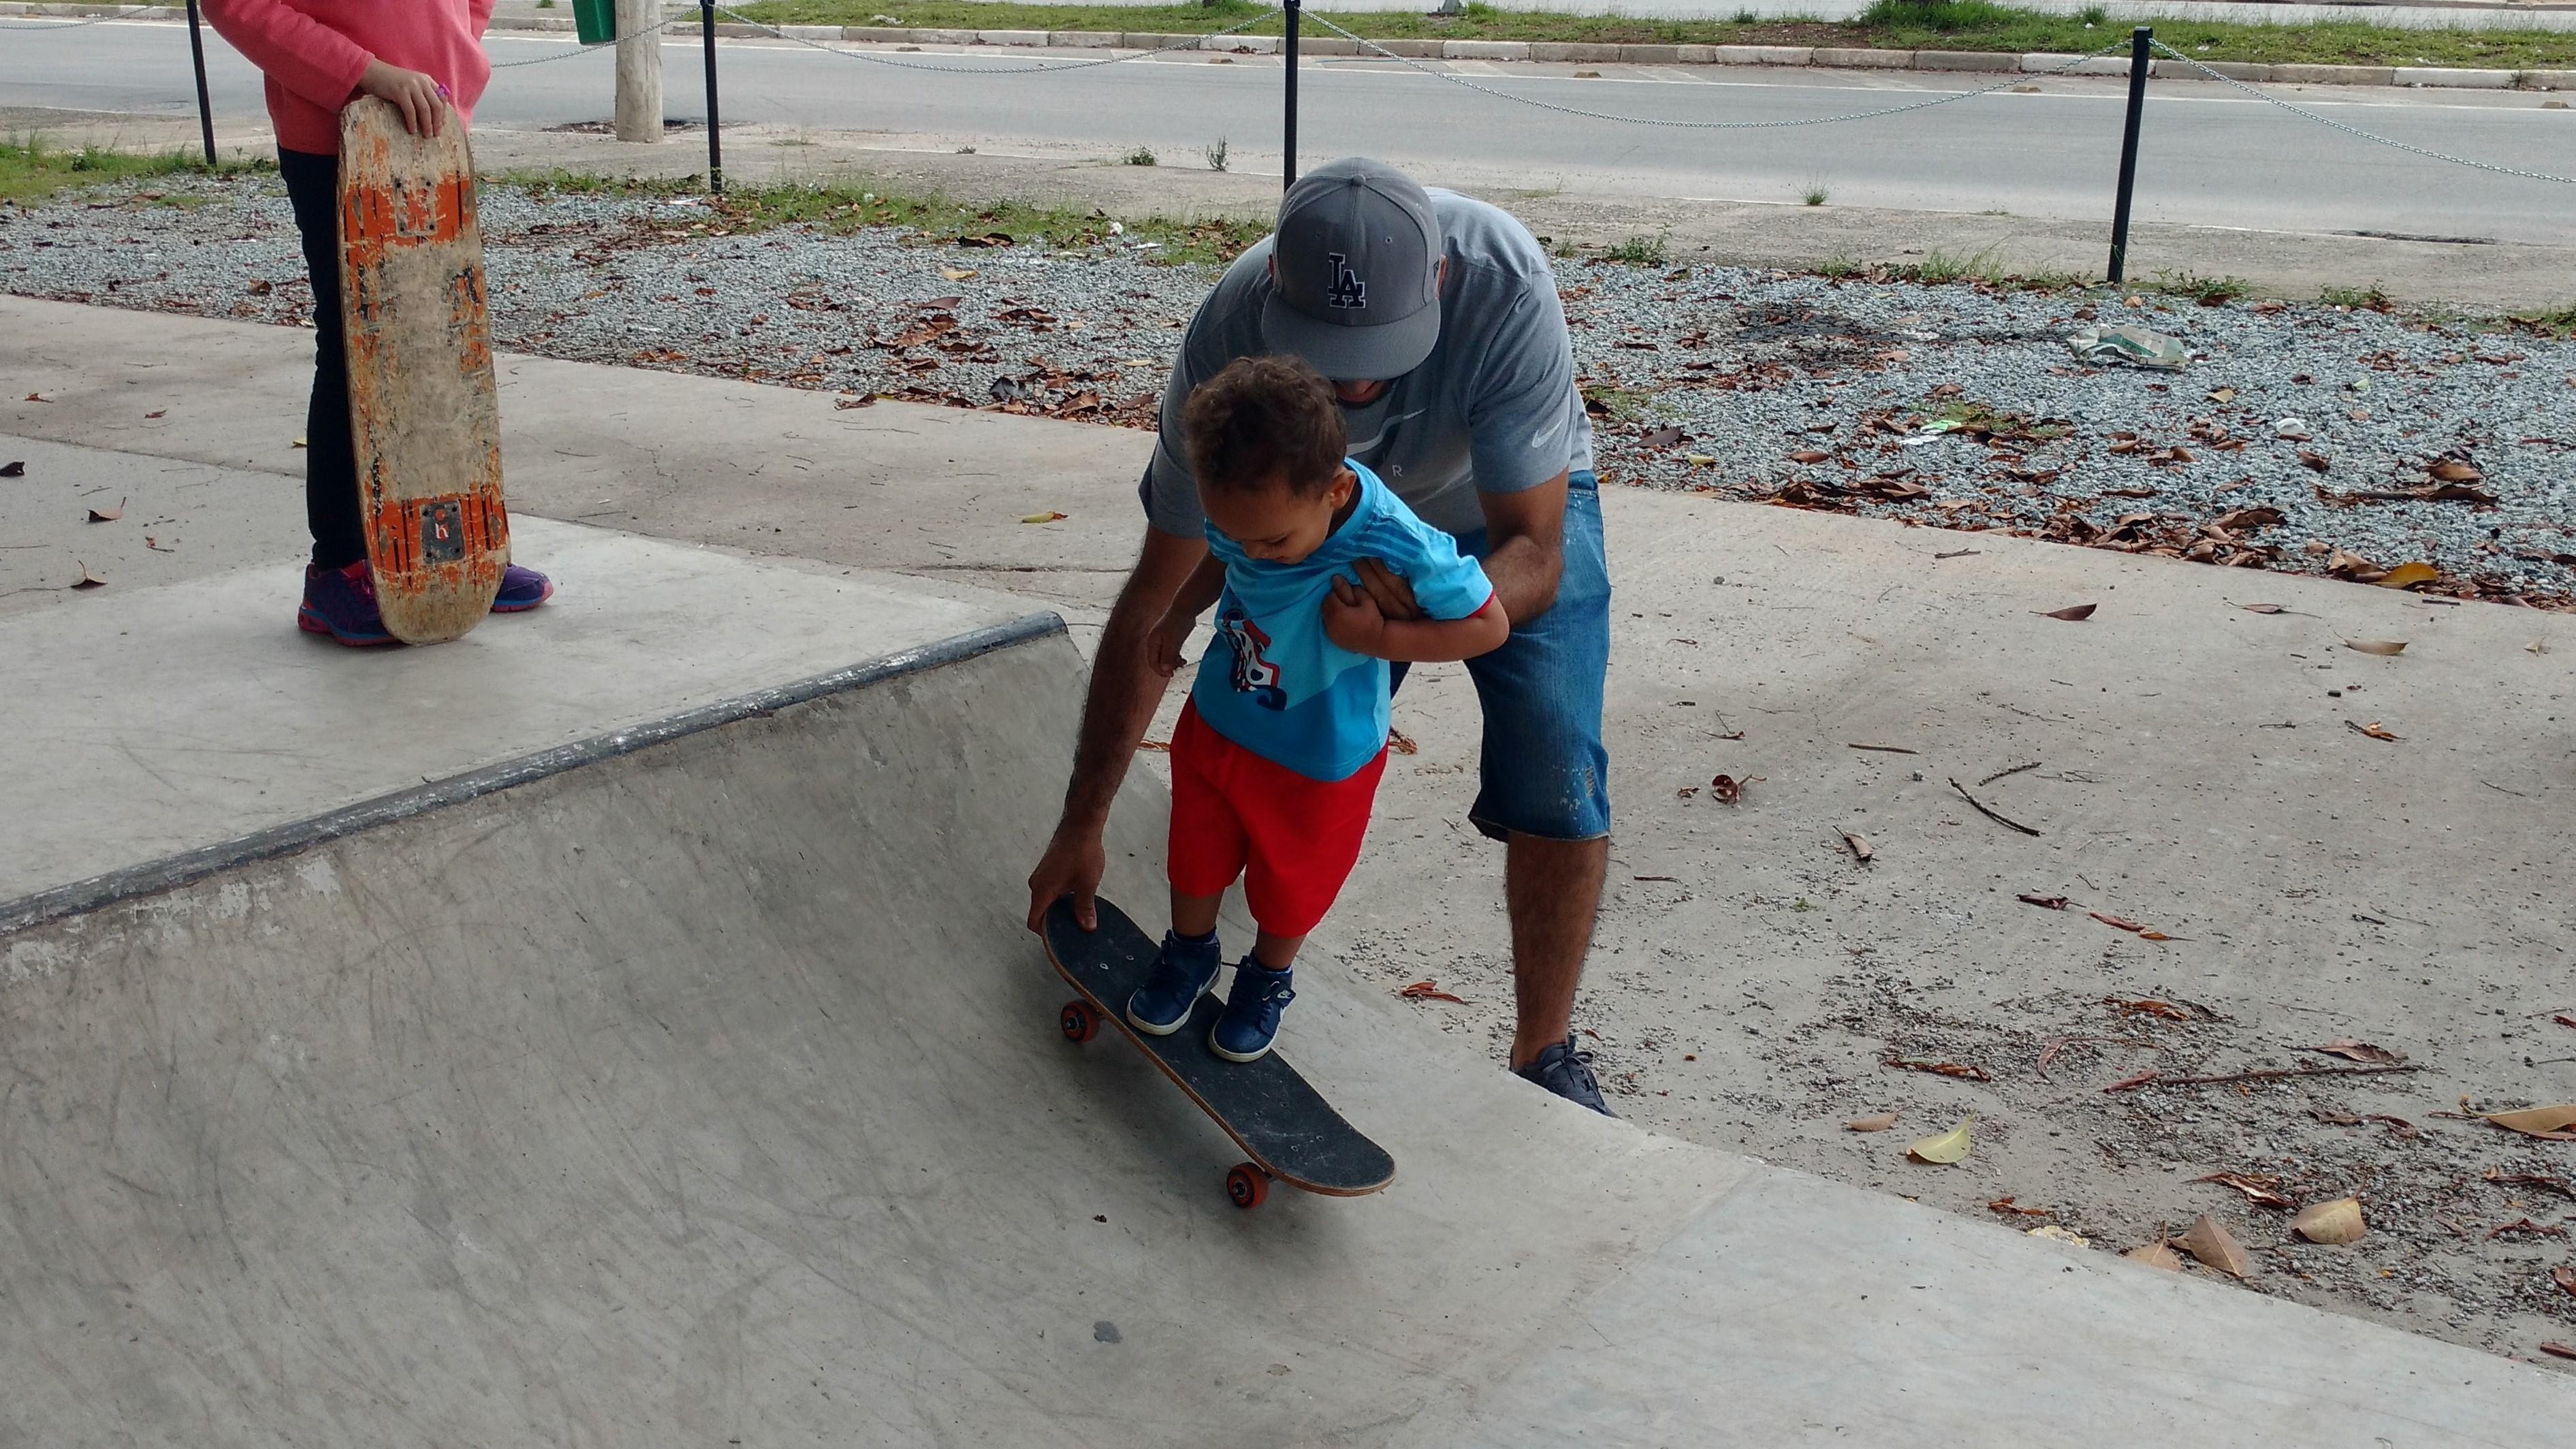 Projeto e construção de pistas de skate